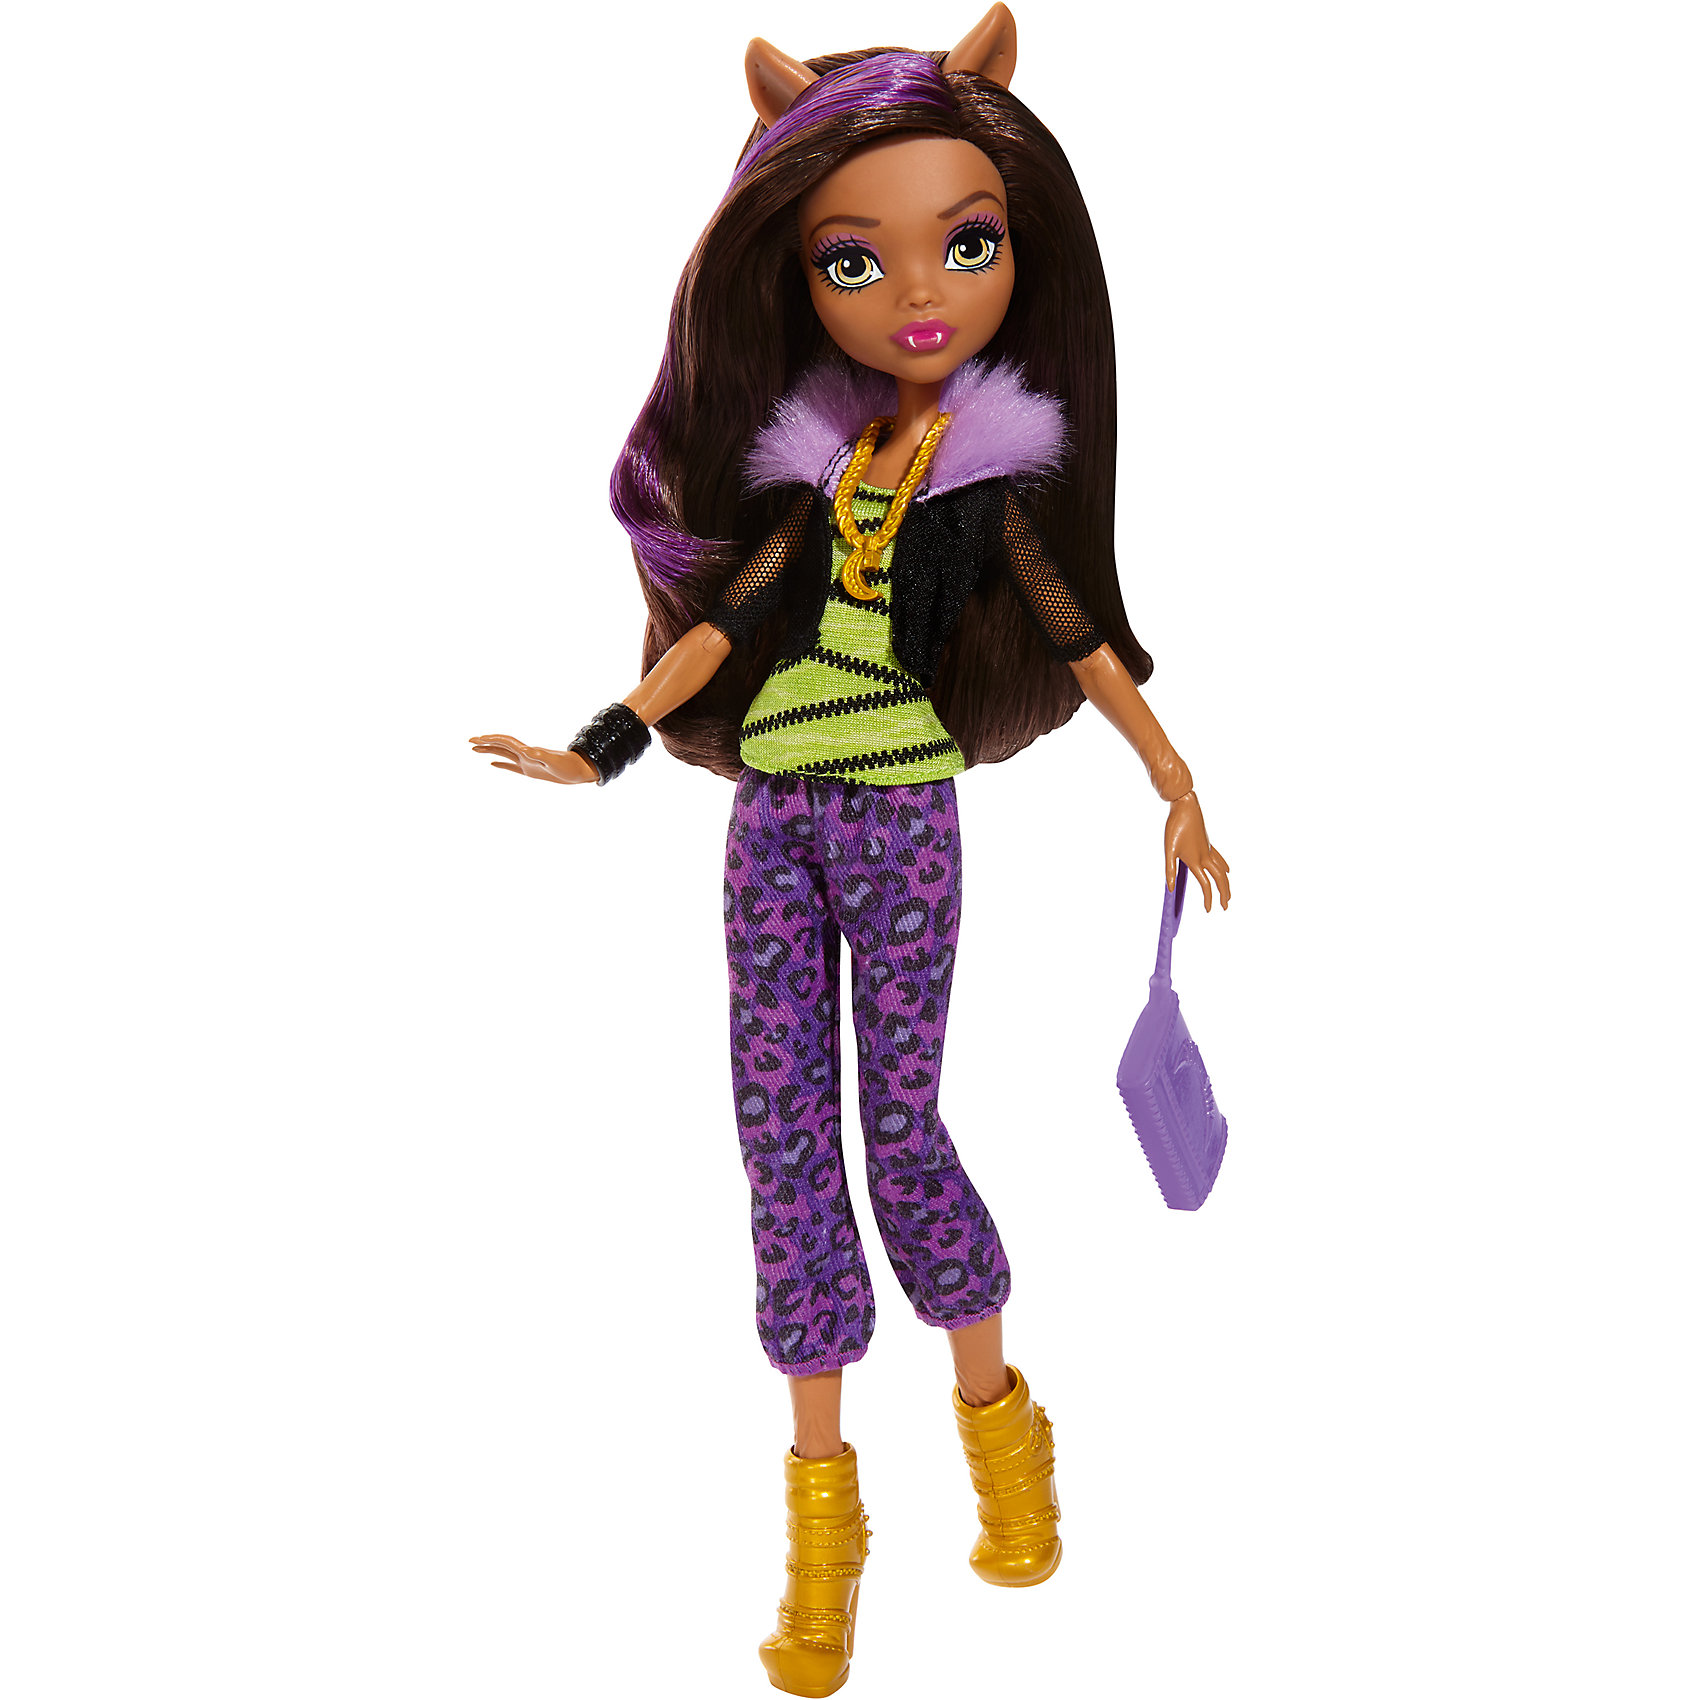 Кукла в модном наряде, Monster HighКуклы<br>Кукла в новом наряде  имеет уникальный наряд со съемными аксессуарами: ожерельем,сумочкой,туфлями. Благодаря этому, ребёнок сможет создать не один образ для куклы.  С ней девочка придумает собственную фантастическую историю о куклах-монстрах. Игра с куклой в новом наряде не только подарить много положительных эмоций, но и поспособствует развитию фантазию ребенка. <br>В товар входит:<br>-кукла<br>-аксессуары<br><br>Дополнительная информация:<br>-Размерв упаковке: 33х 15 х 6<br>-Вес:258 г<br>-Состав: текстиль, пластмасса<br>-Для девочек от 6 лет<br>-Марка: Mattel<br><br>Ширина мм: 339<br>Глубина мм: 154<br>Высота мм: 66<br>Вес г: 184<br>Возраст от месяцев: 72<br>Возраст до месяцев: 120<br>Пол: Женский<br>Возраст: Детский<br>SKU: 4973465